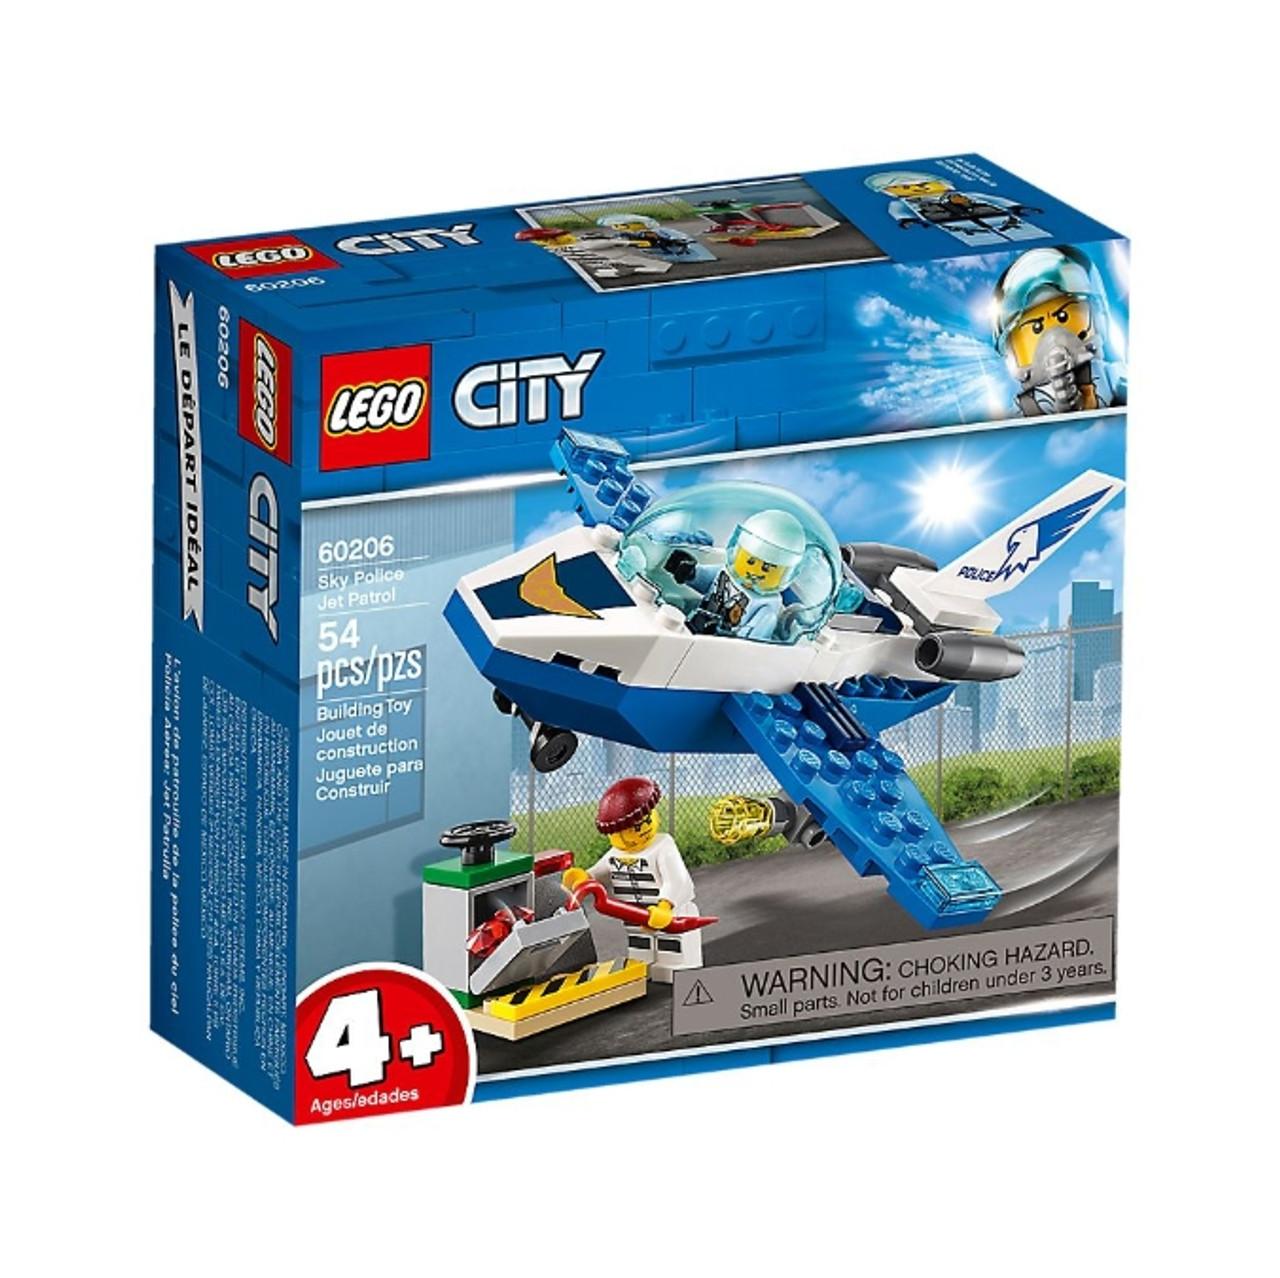 City 60206 Police Patrol Jet Sky Lego EDYHIW92